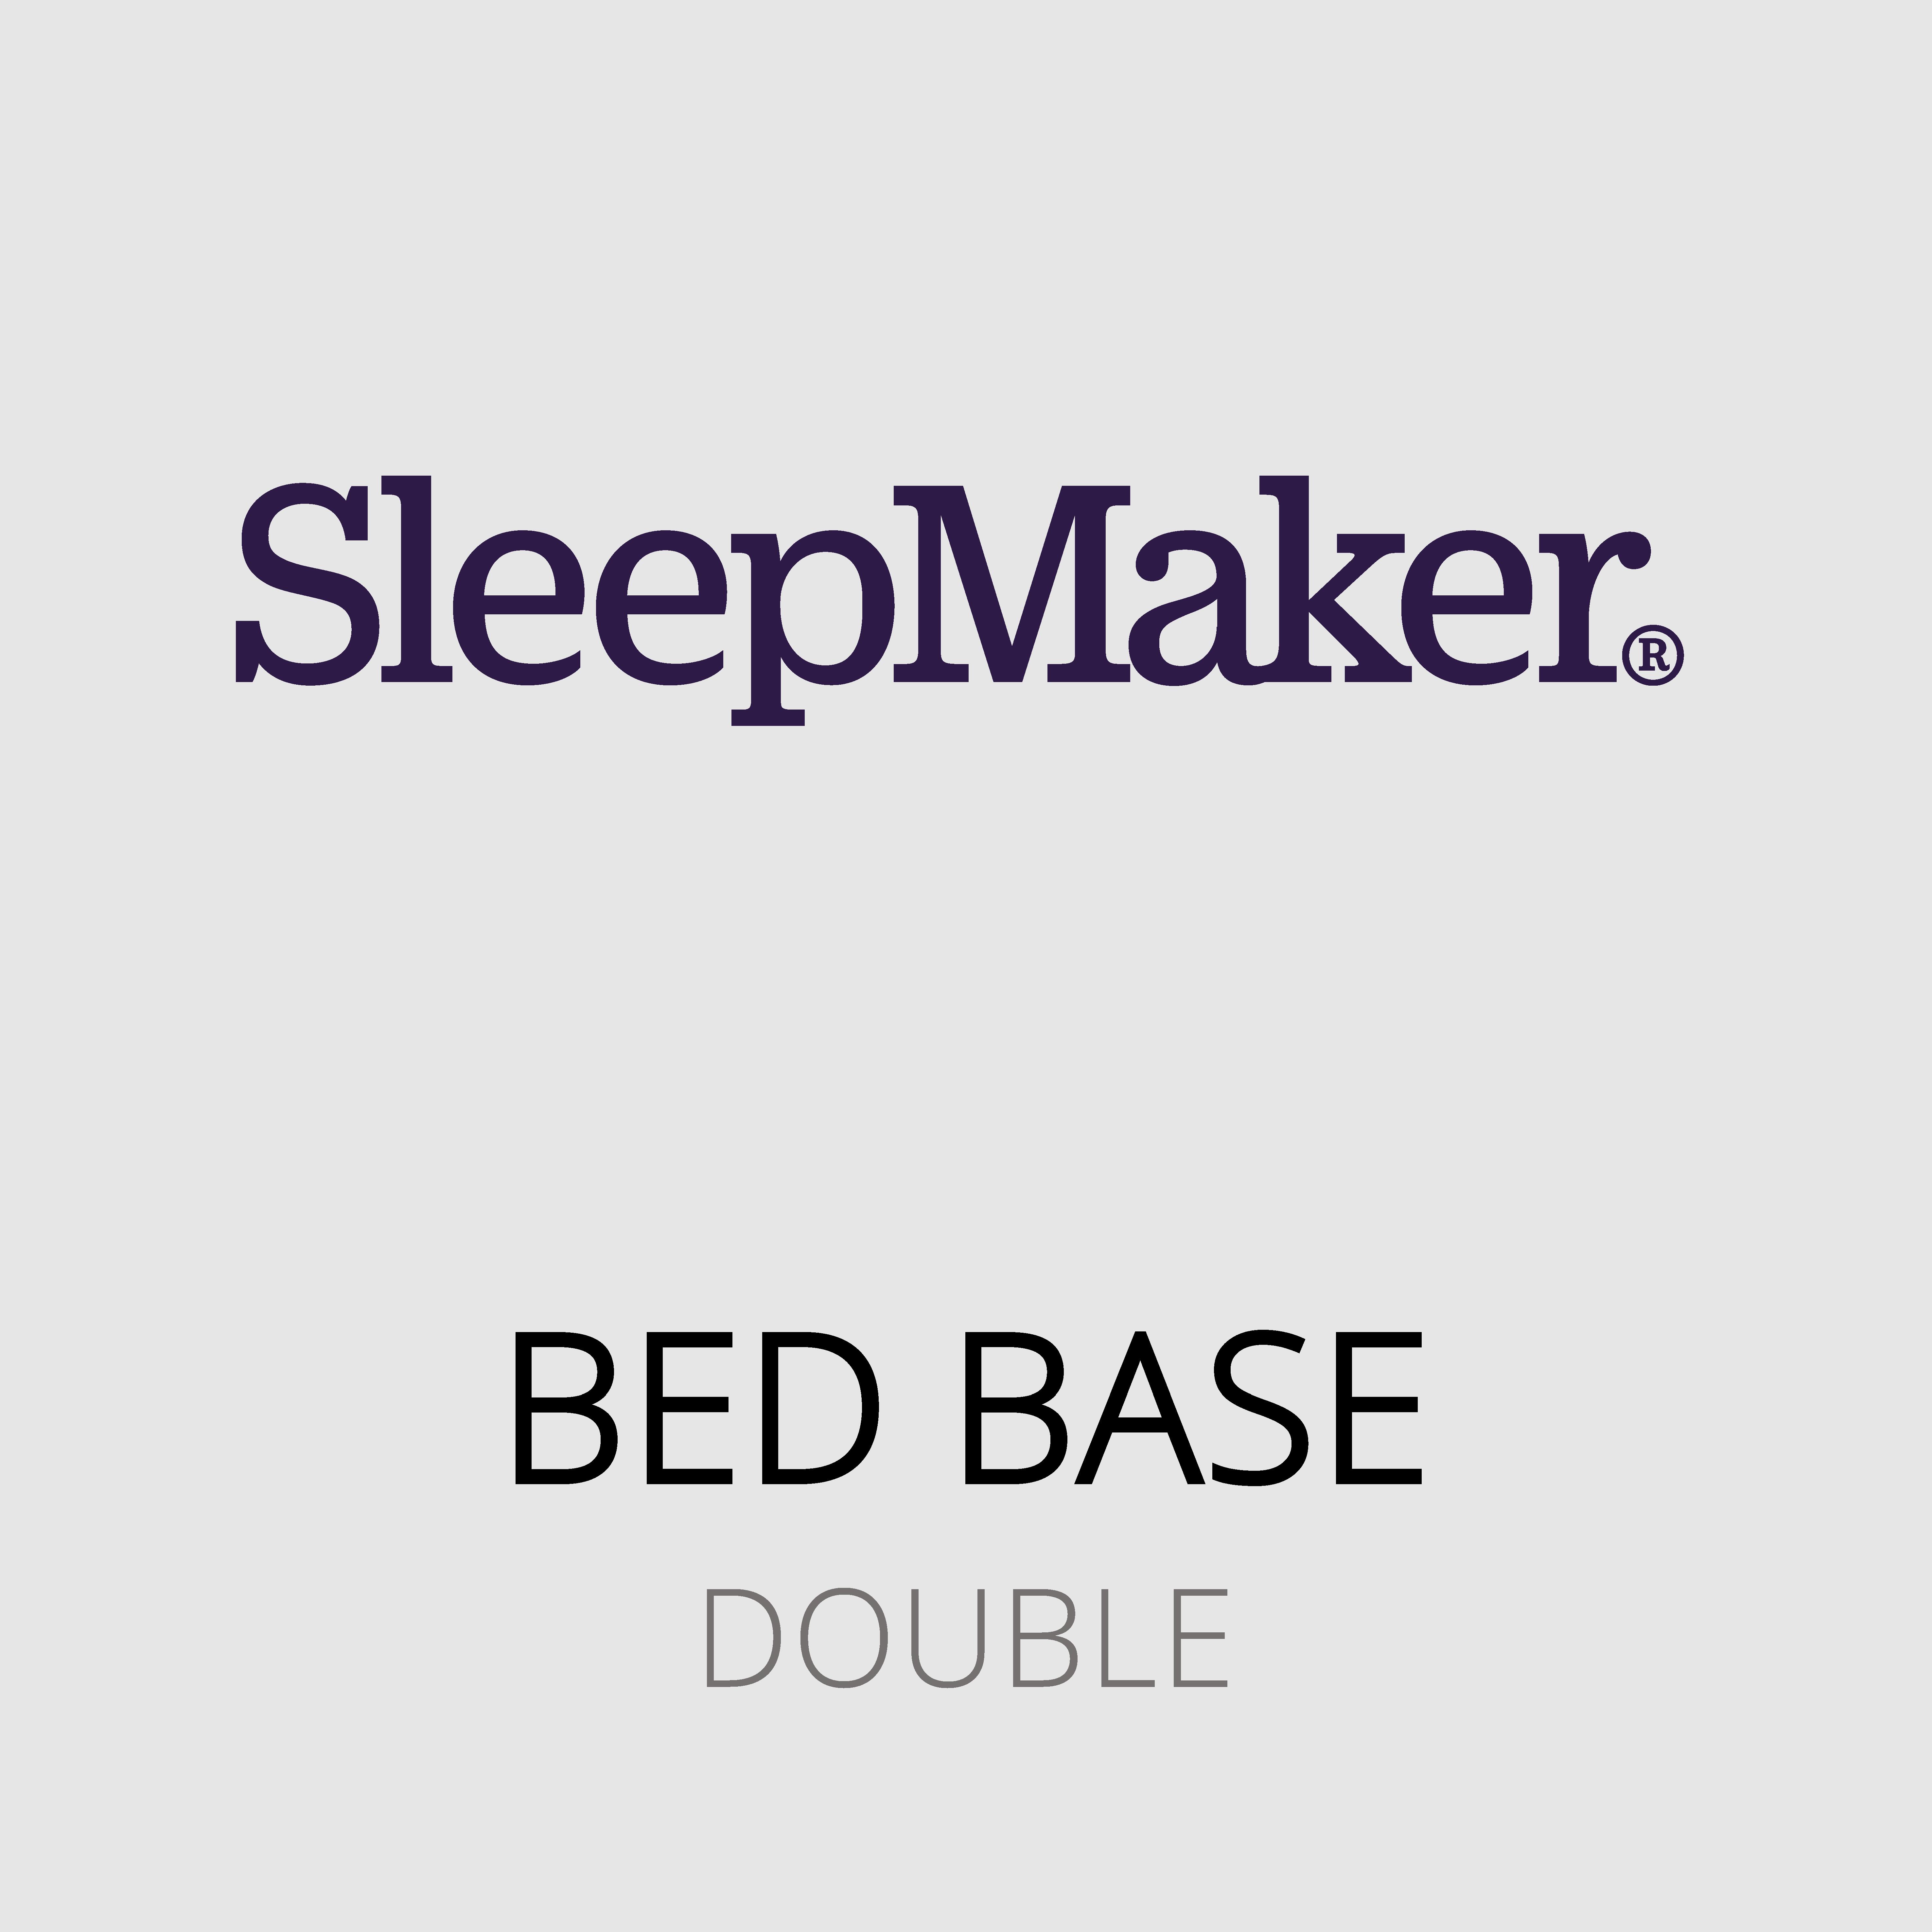 SleepMaker – Double Bed Base